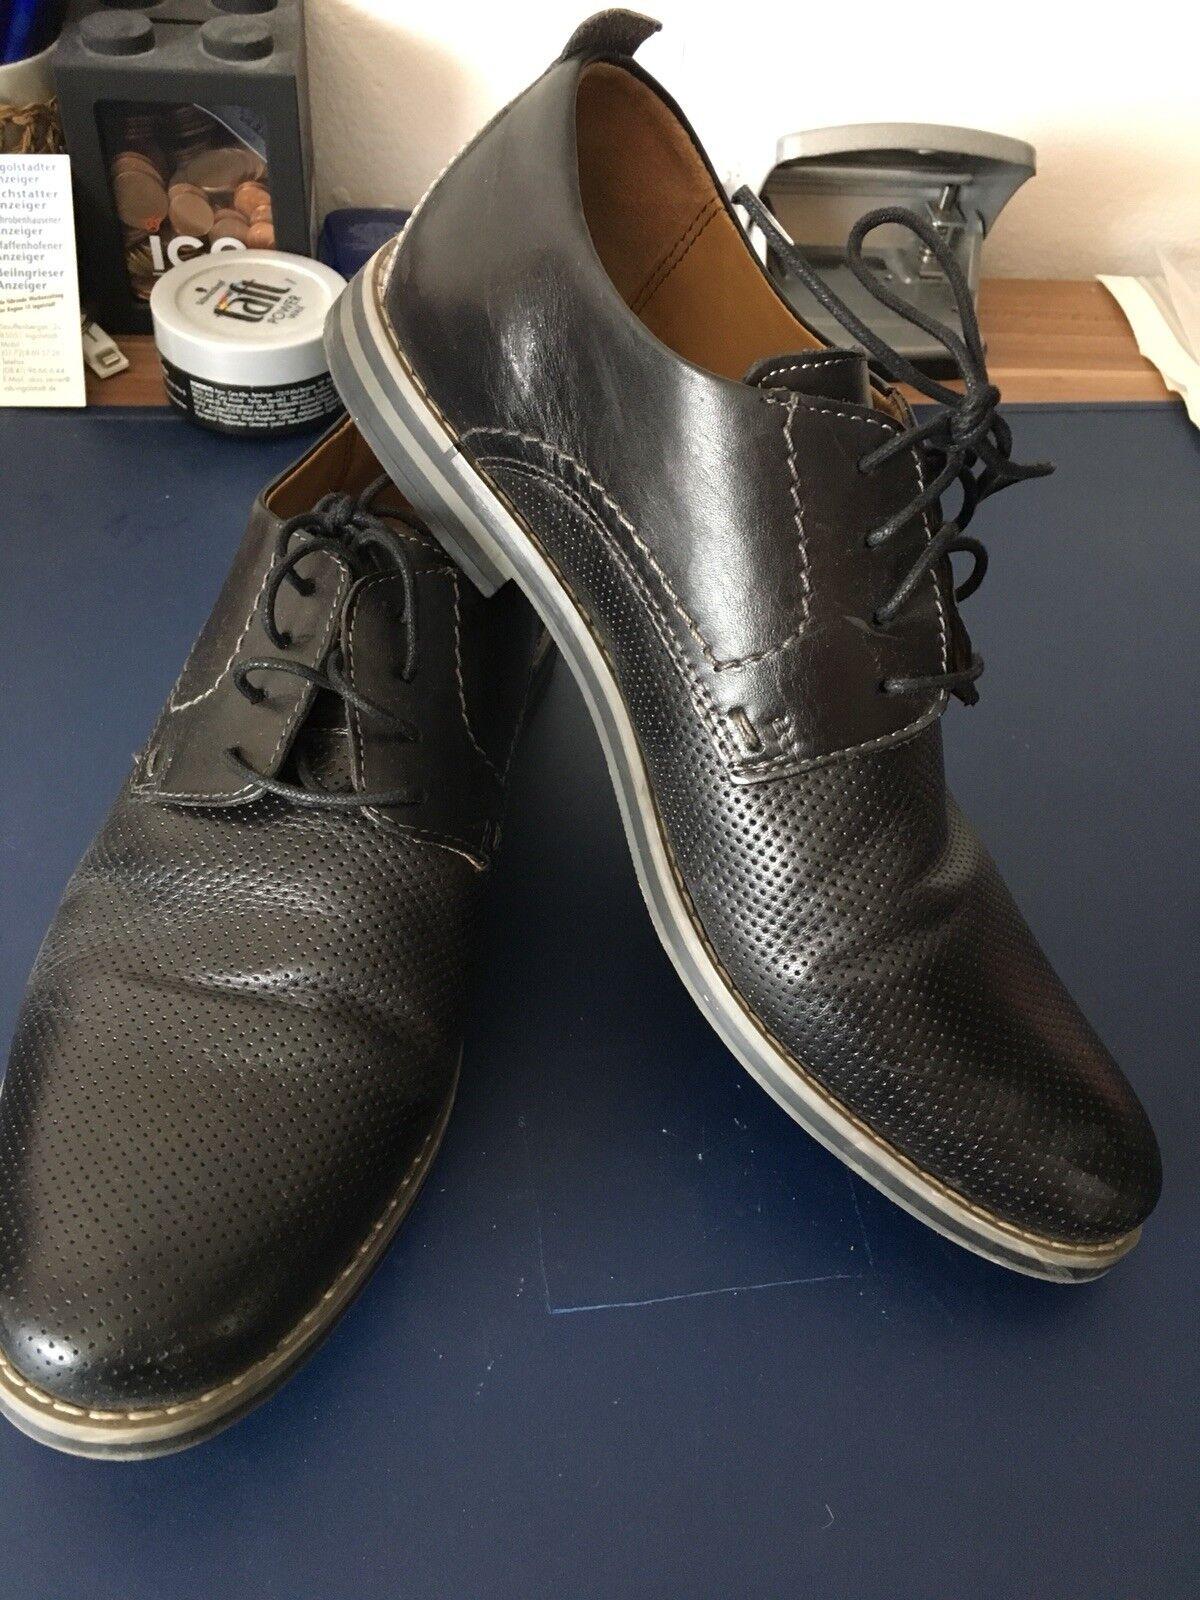 Billig hohe Qualität Lasocki Business/Anzugschuhe Schwarz Größe 42